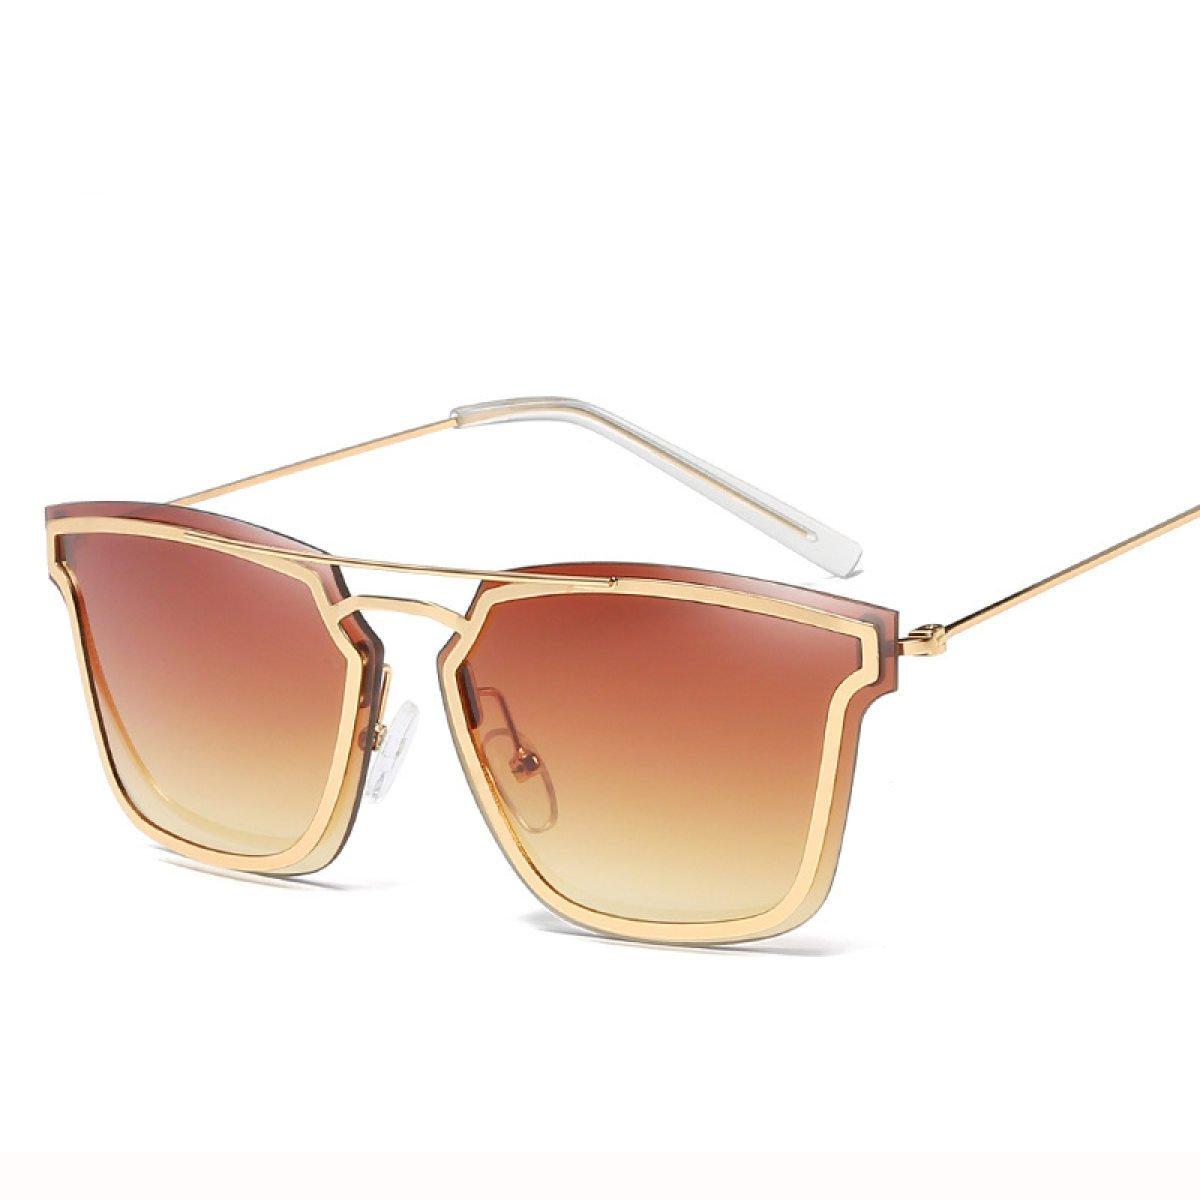 Wkaijc Trend Metall Damen Mode Persönlichkeit Kreativität Lässig Bequem Sonnenbrillen Sonnenbrillen,D